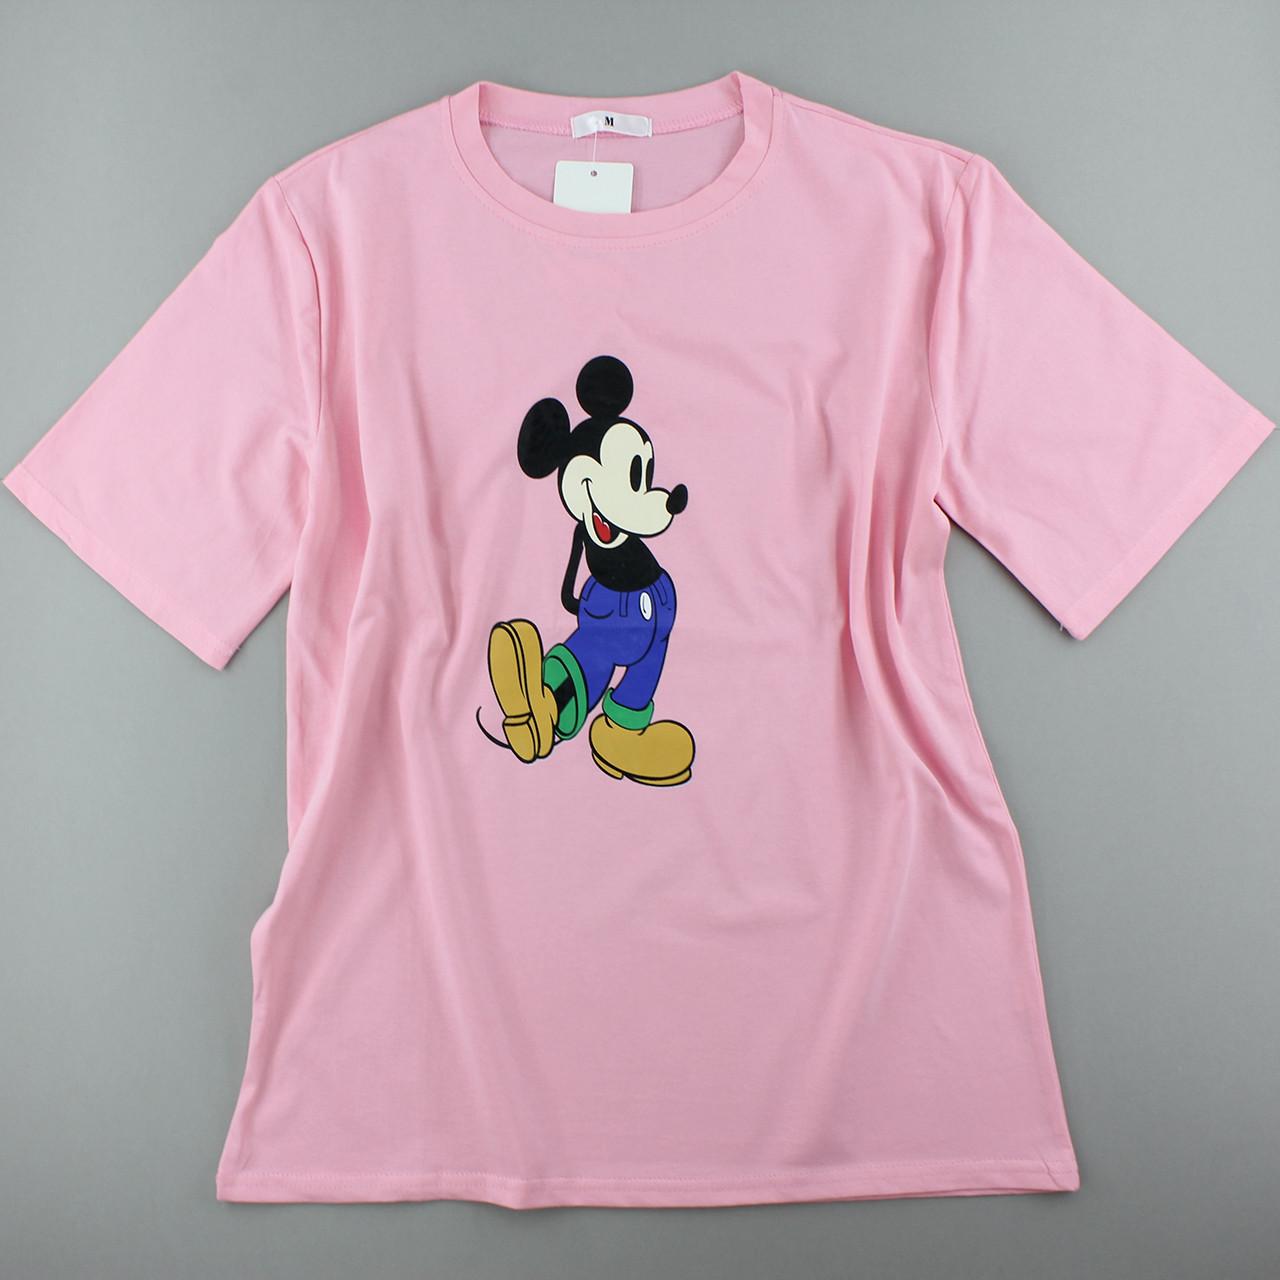 Футболка хлопок розовая женская, трикотажная оверсайз